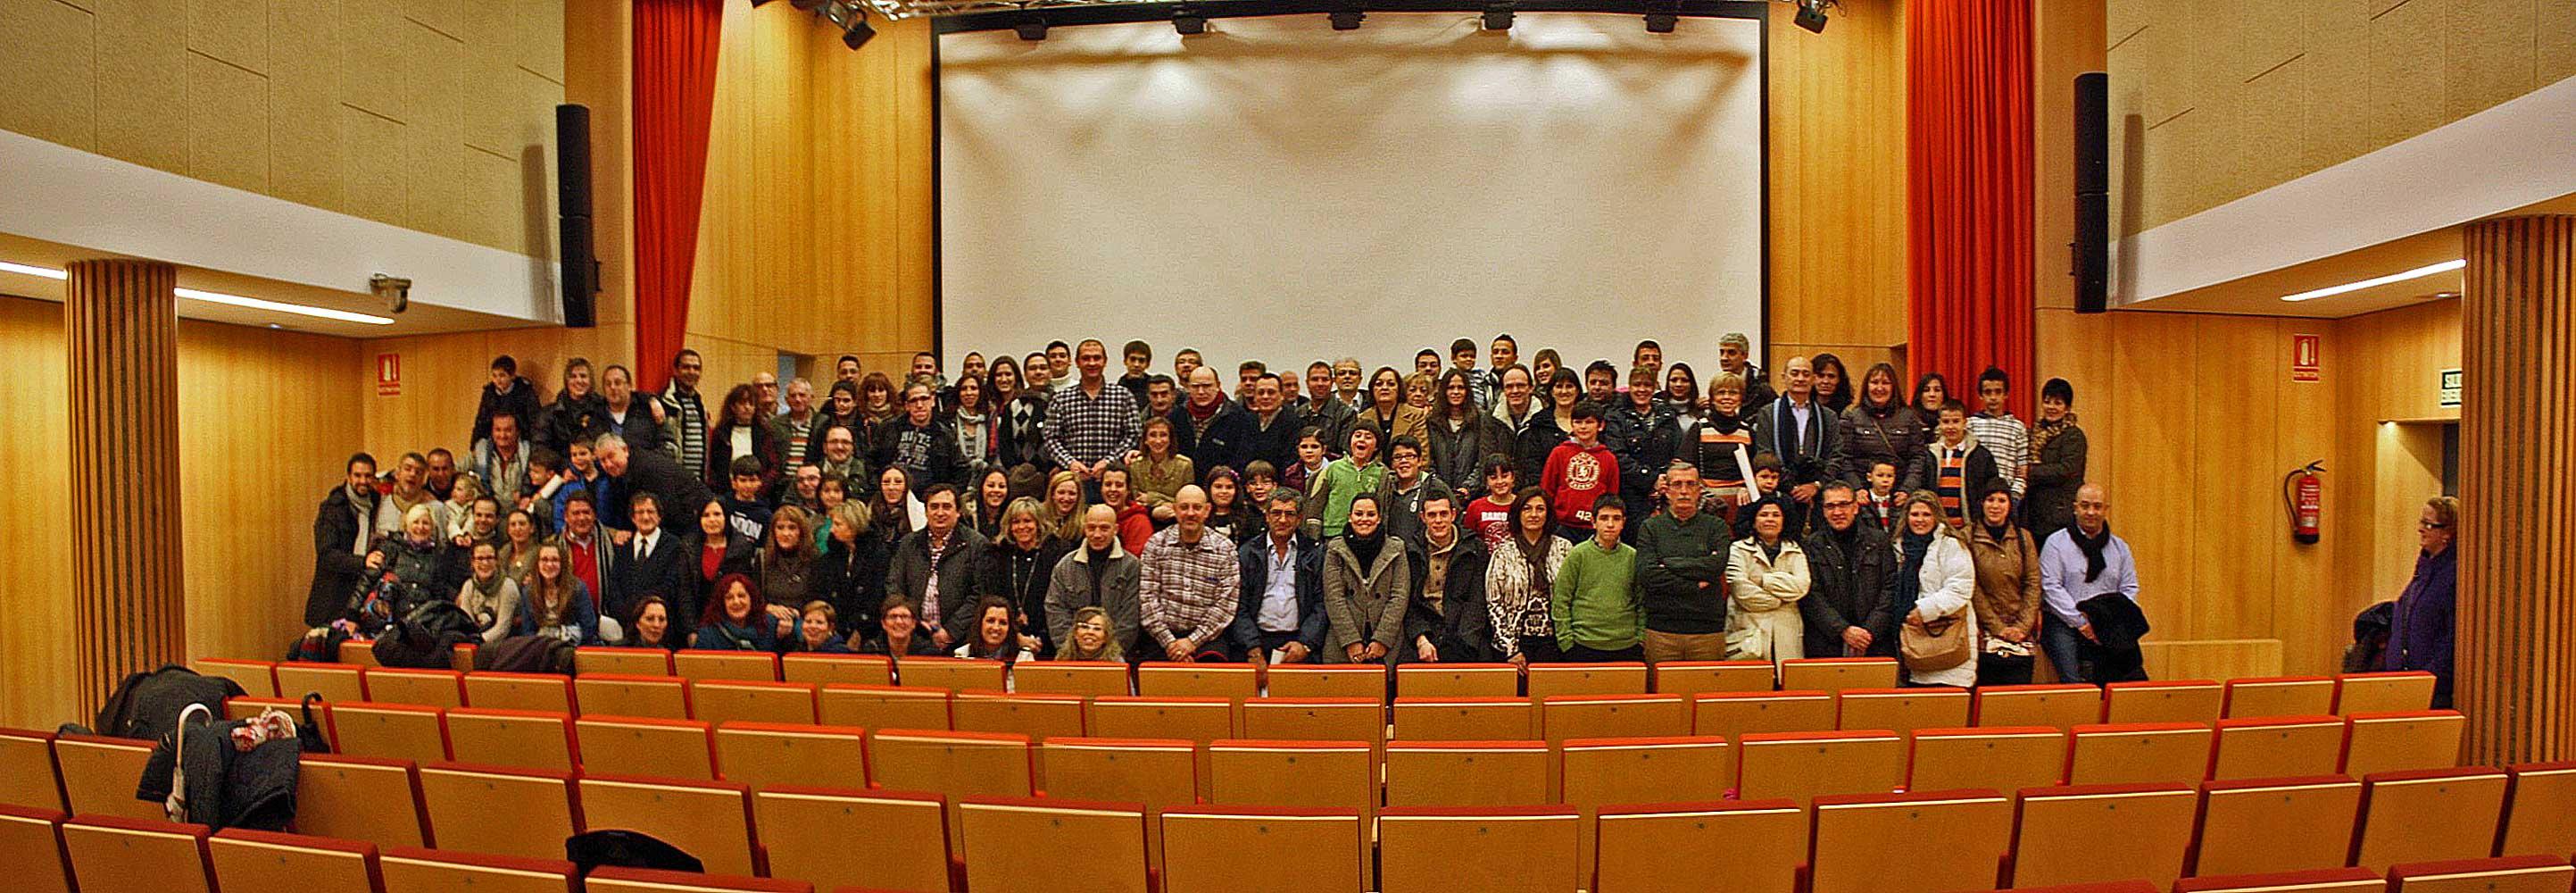 Reunión De La Sección De Instrumentos 2013